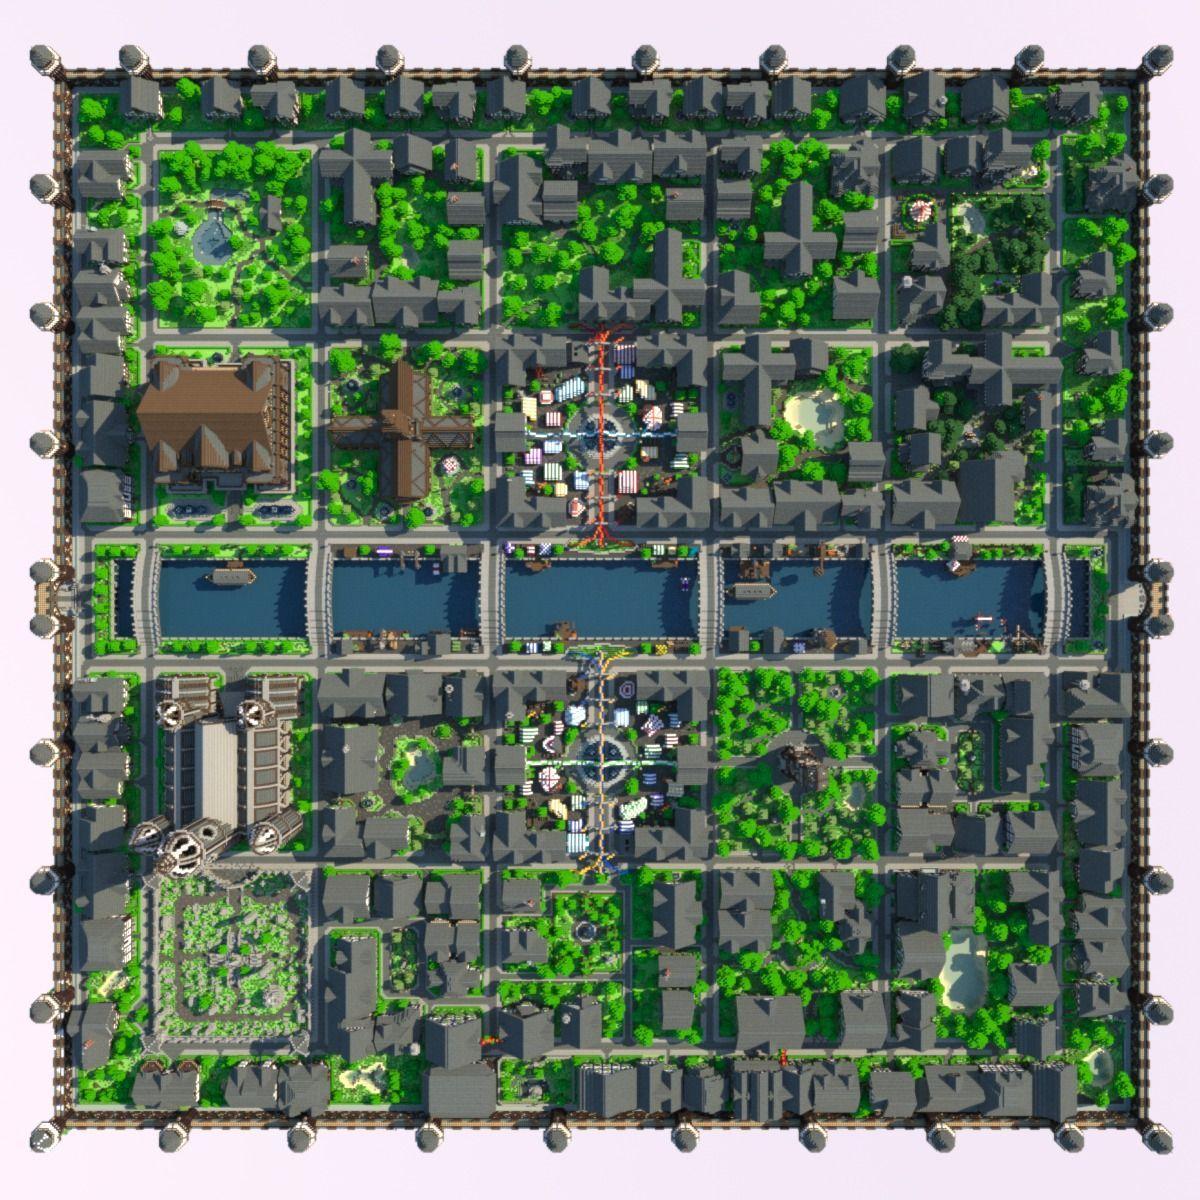 Minecraft Map Minecraft Inspiration Pinterest Minecraft Ideen - Minecraft haus einfach nachbauen